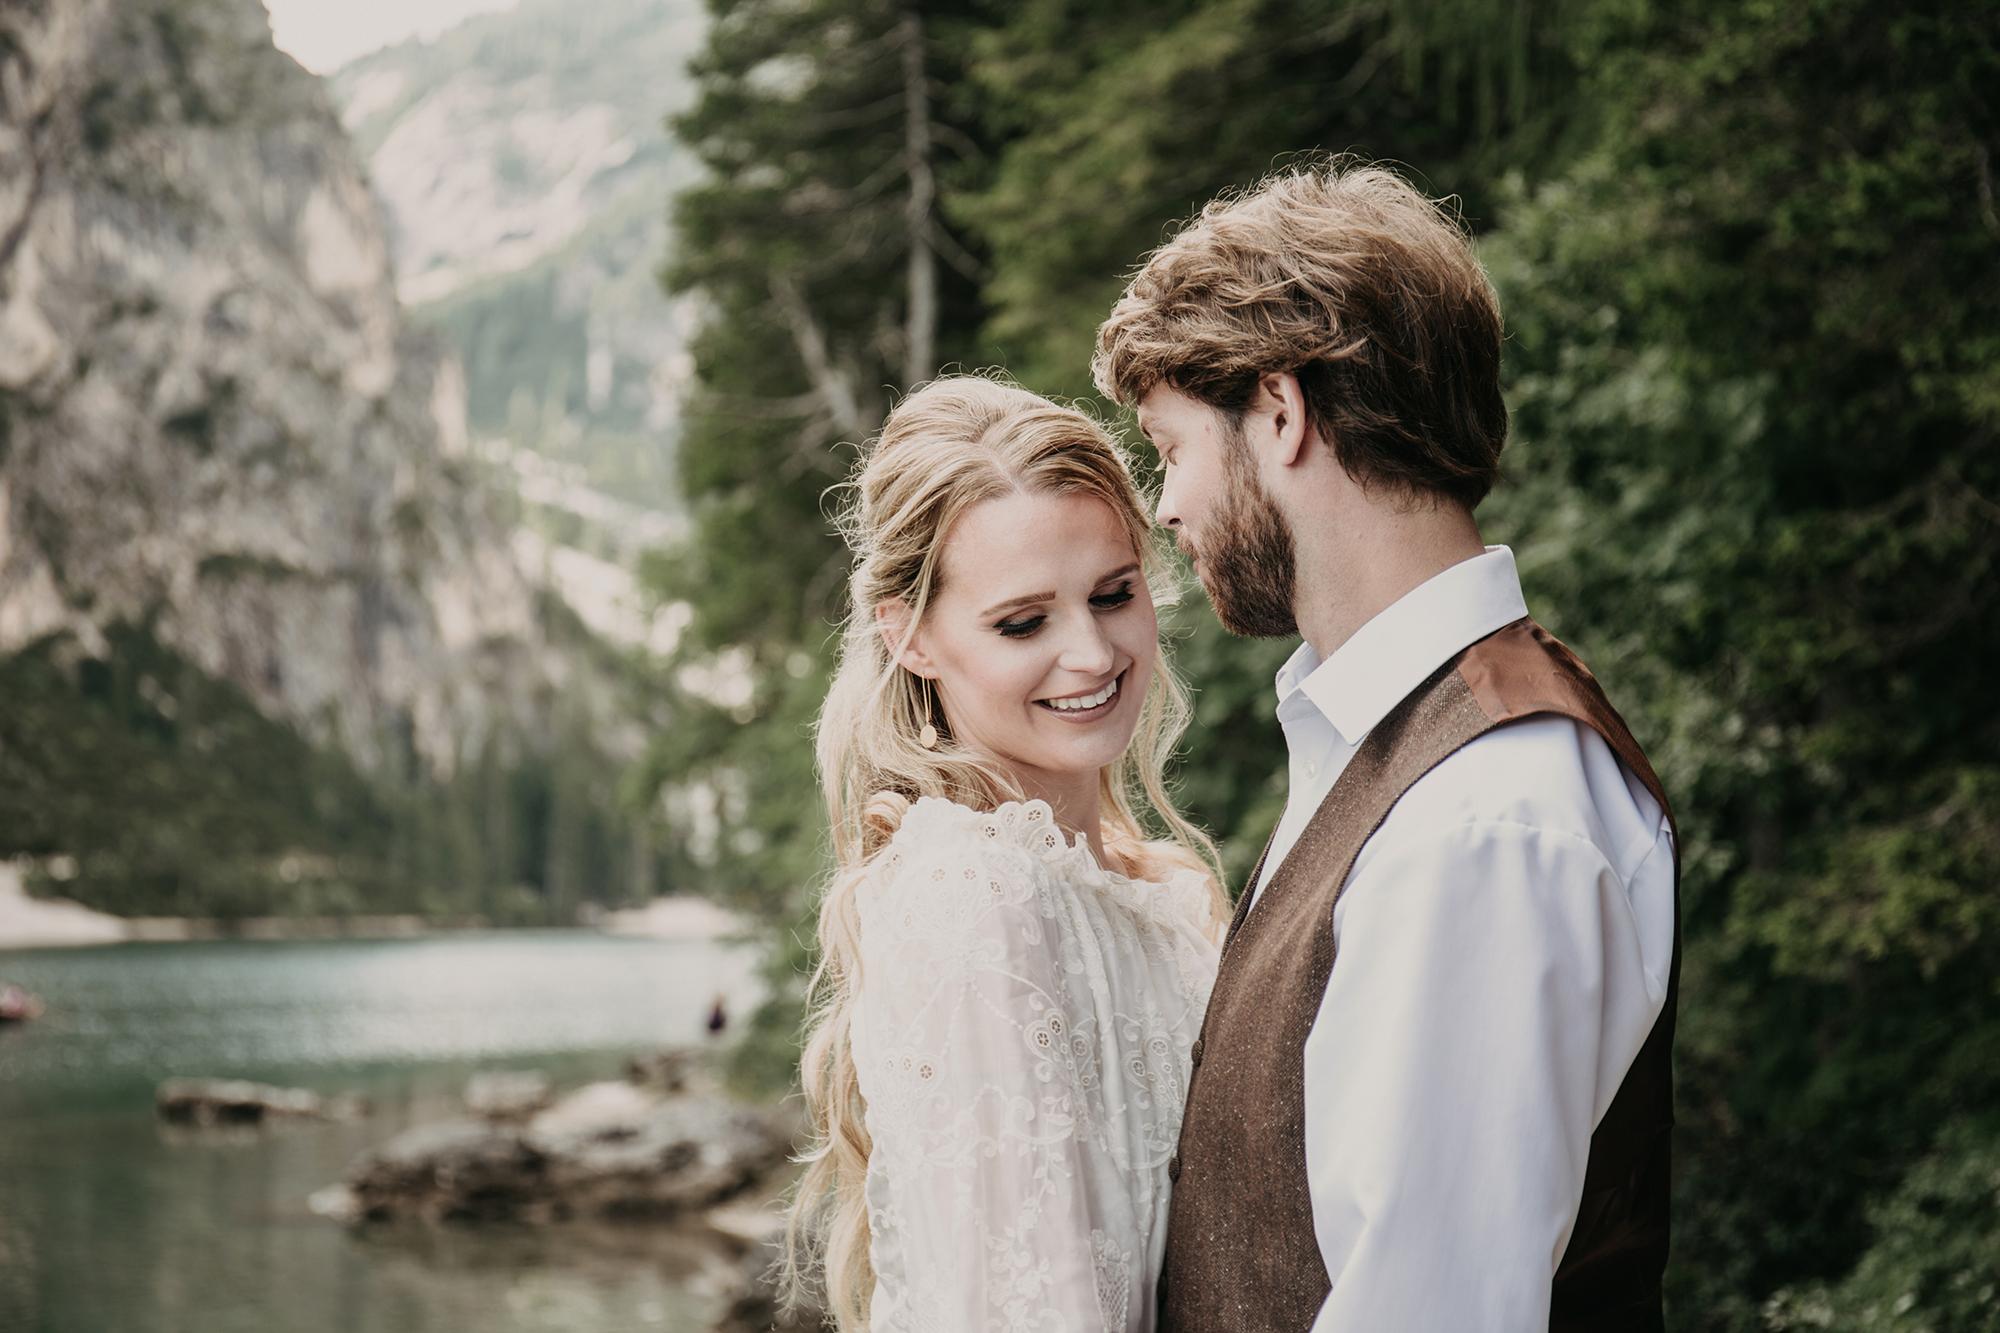 Pragser Wildsee couple shoot